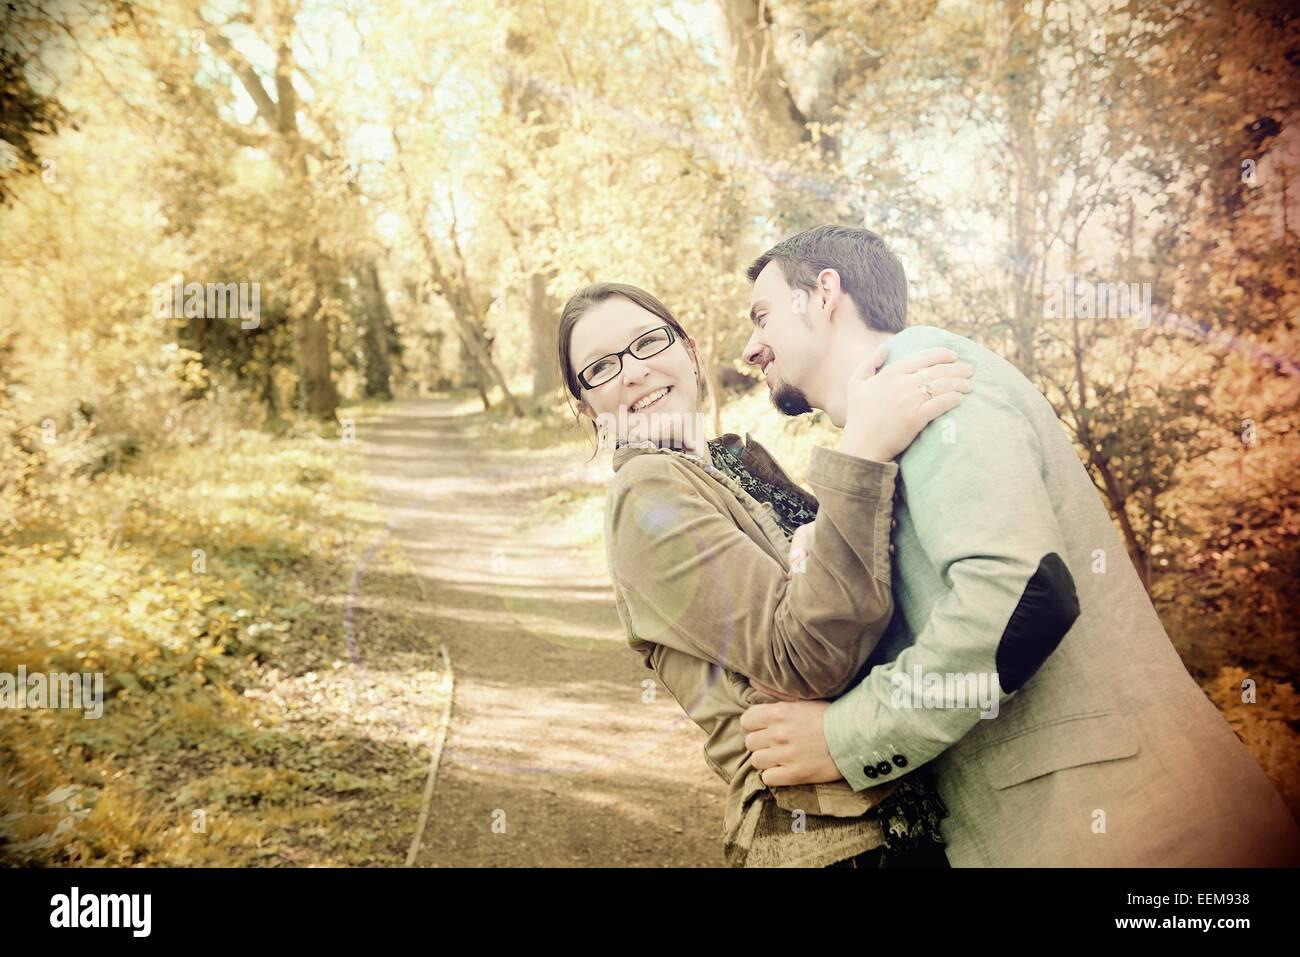 Los amantes abrazando al aire libre Imagen De Stock